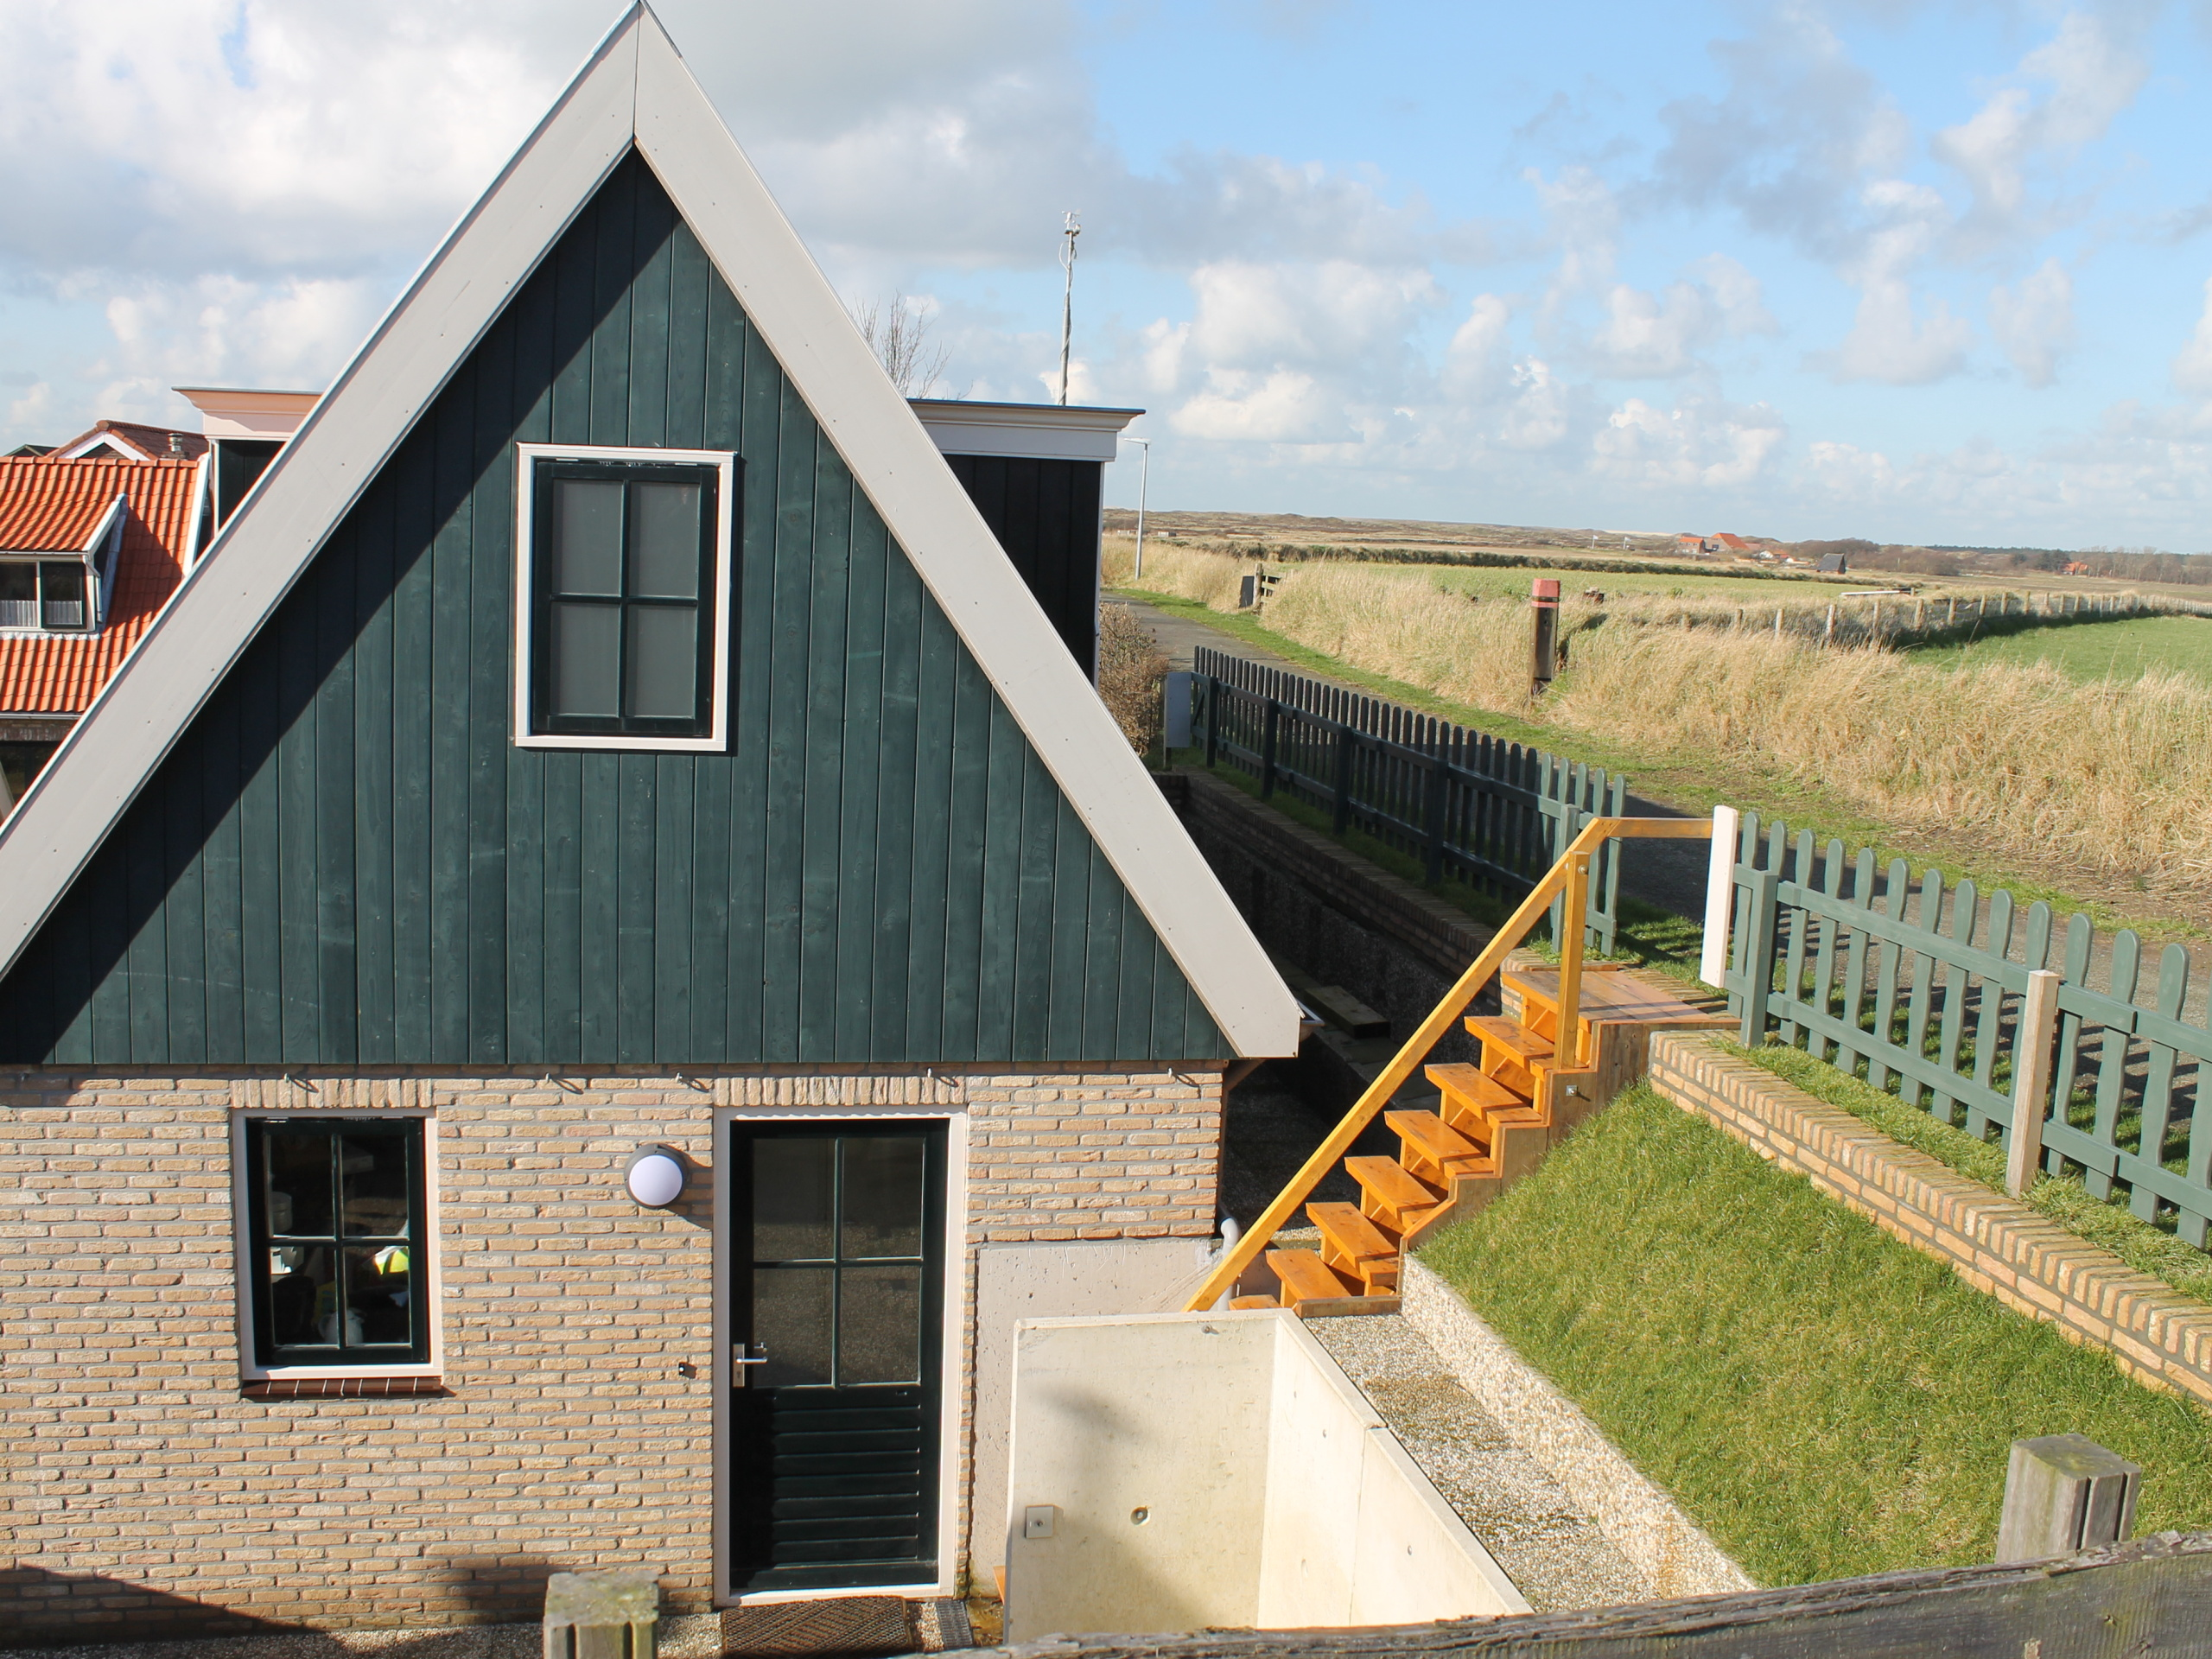 Geräumiges freistehendes Ferienhaus im malerischen Dorf Den Hoorn